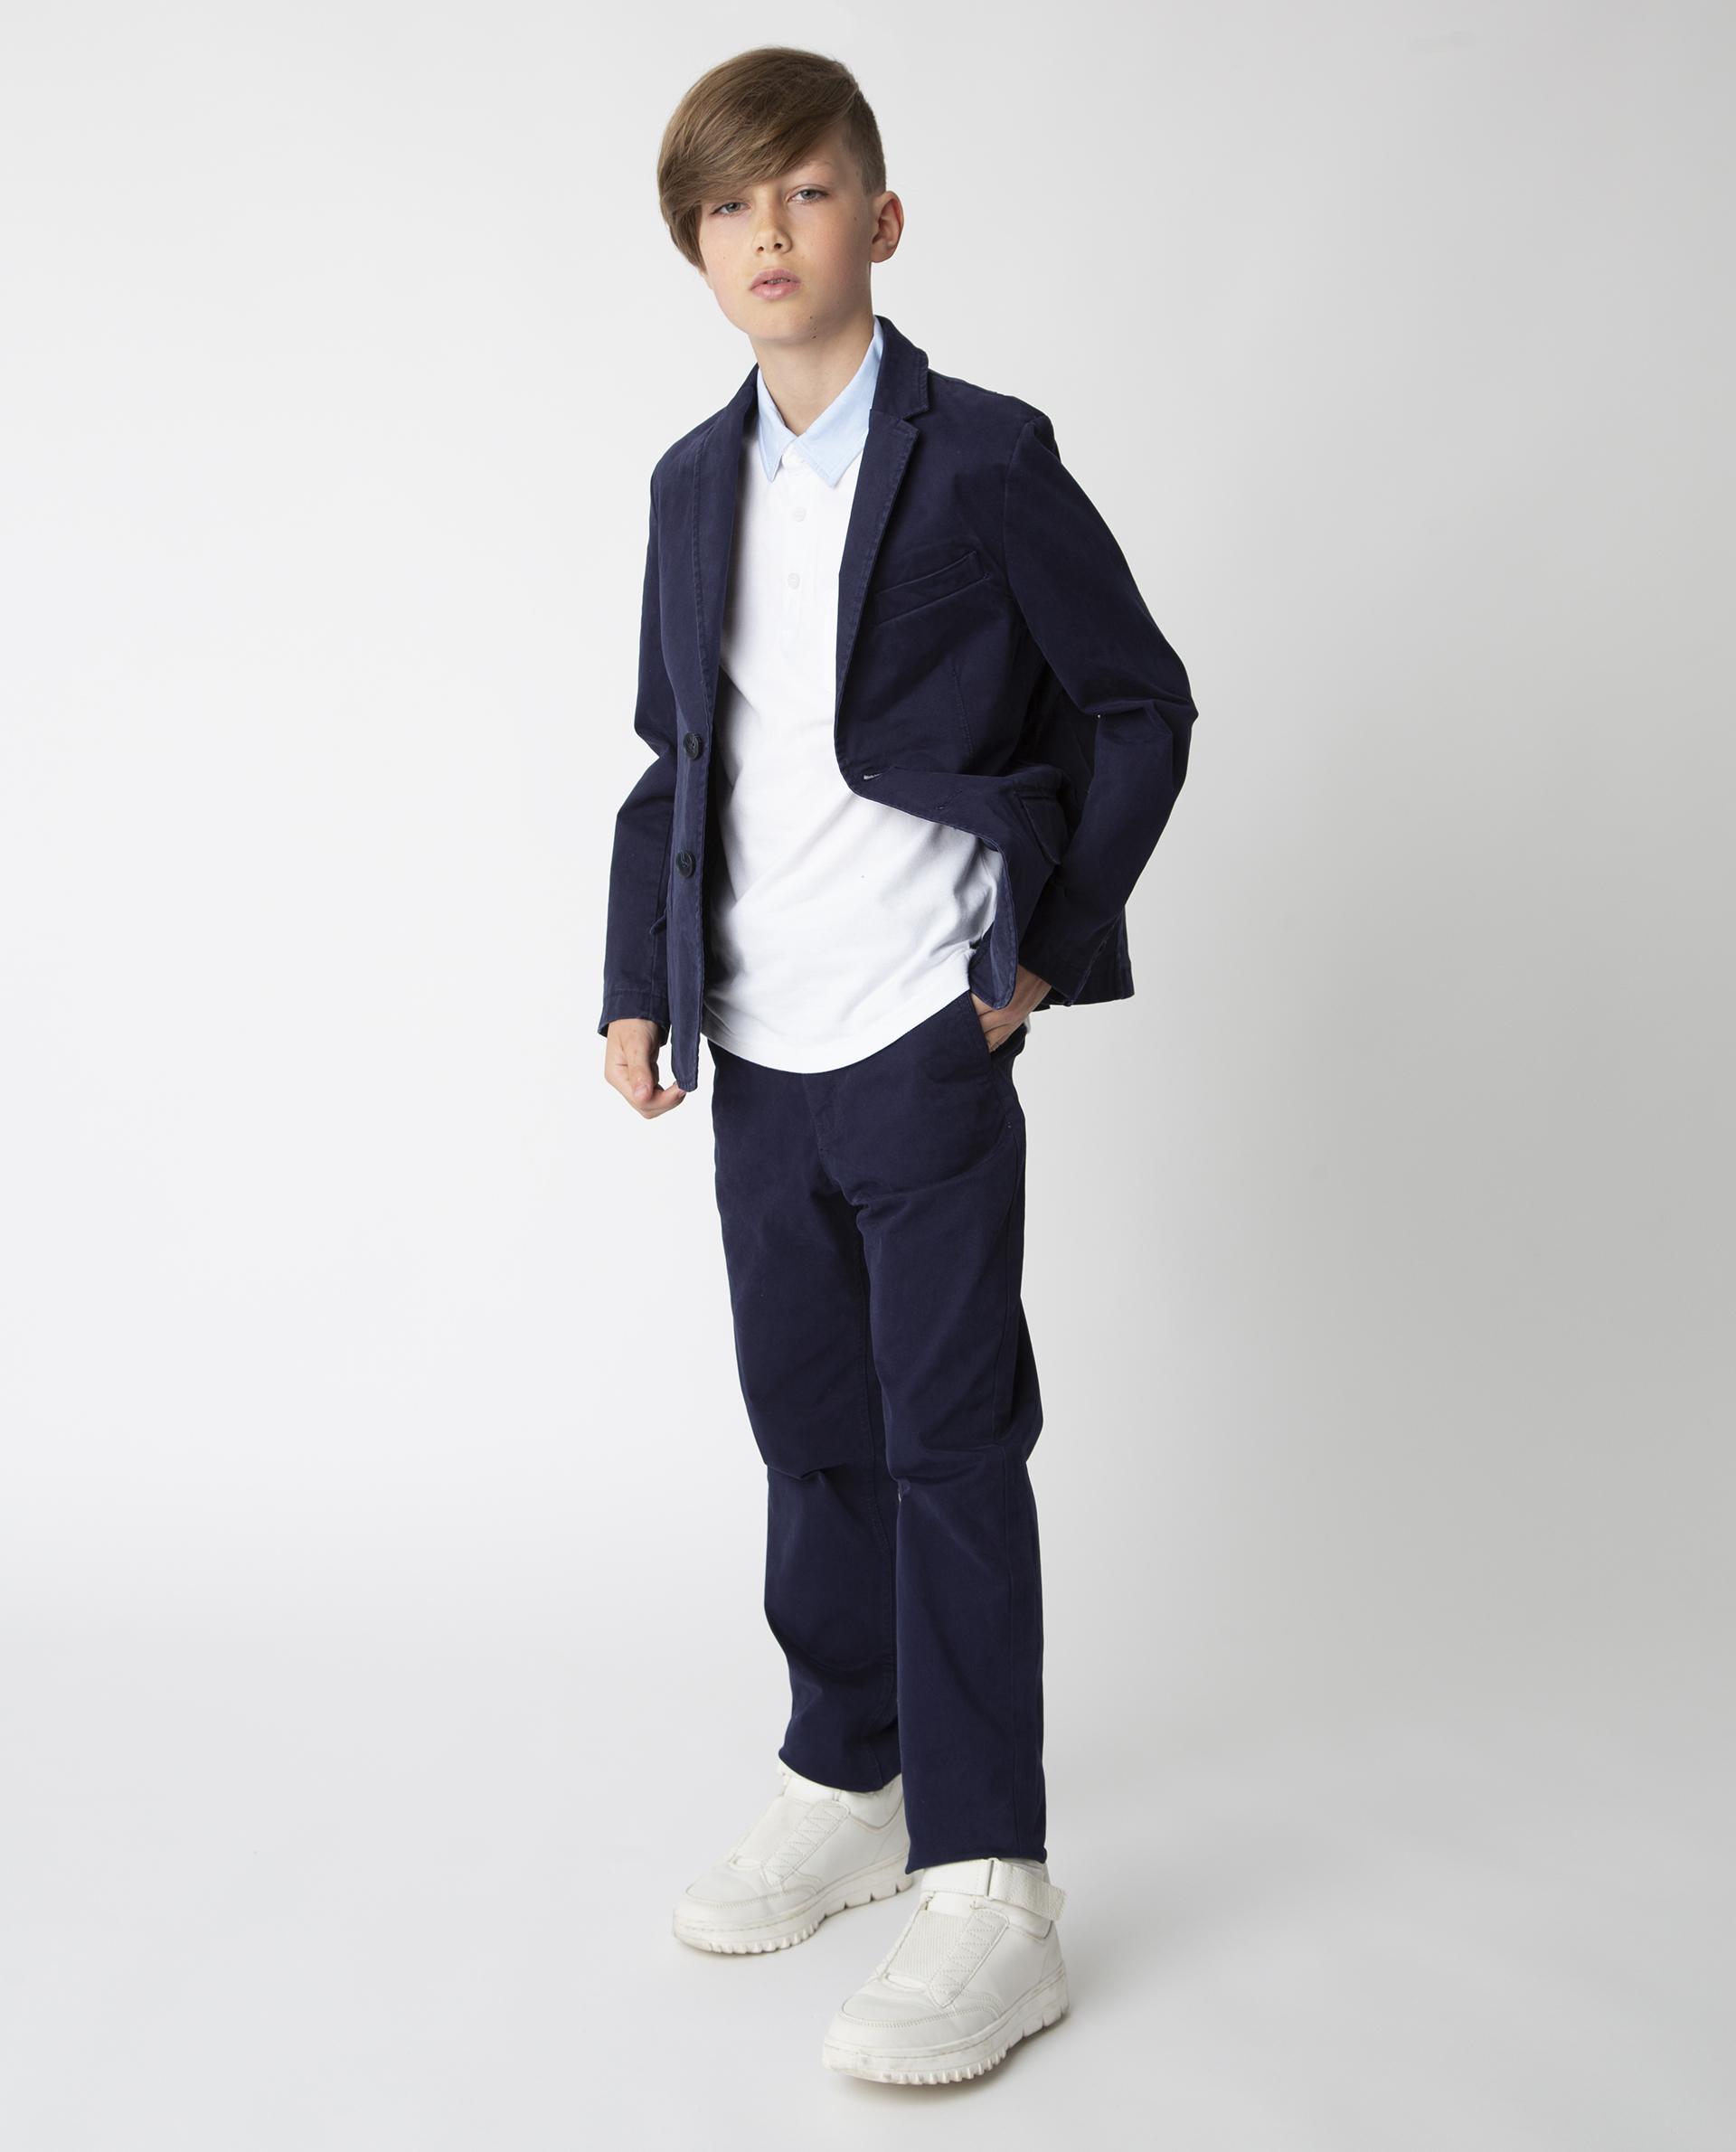 Купить 220GSBC6309, Синие брюки Gulliver, синий, 122, Твил, Мужской, Демисезон, ШКОЛЬНАЯ ФОРМА 2020-2021 (shop: GulliverMarket Gulliver Market)